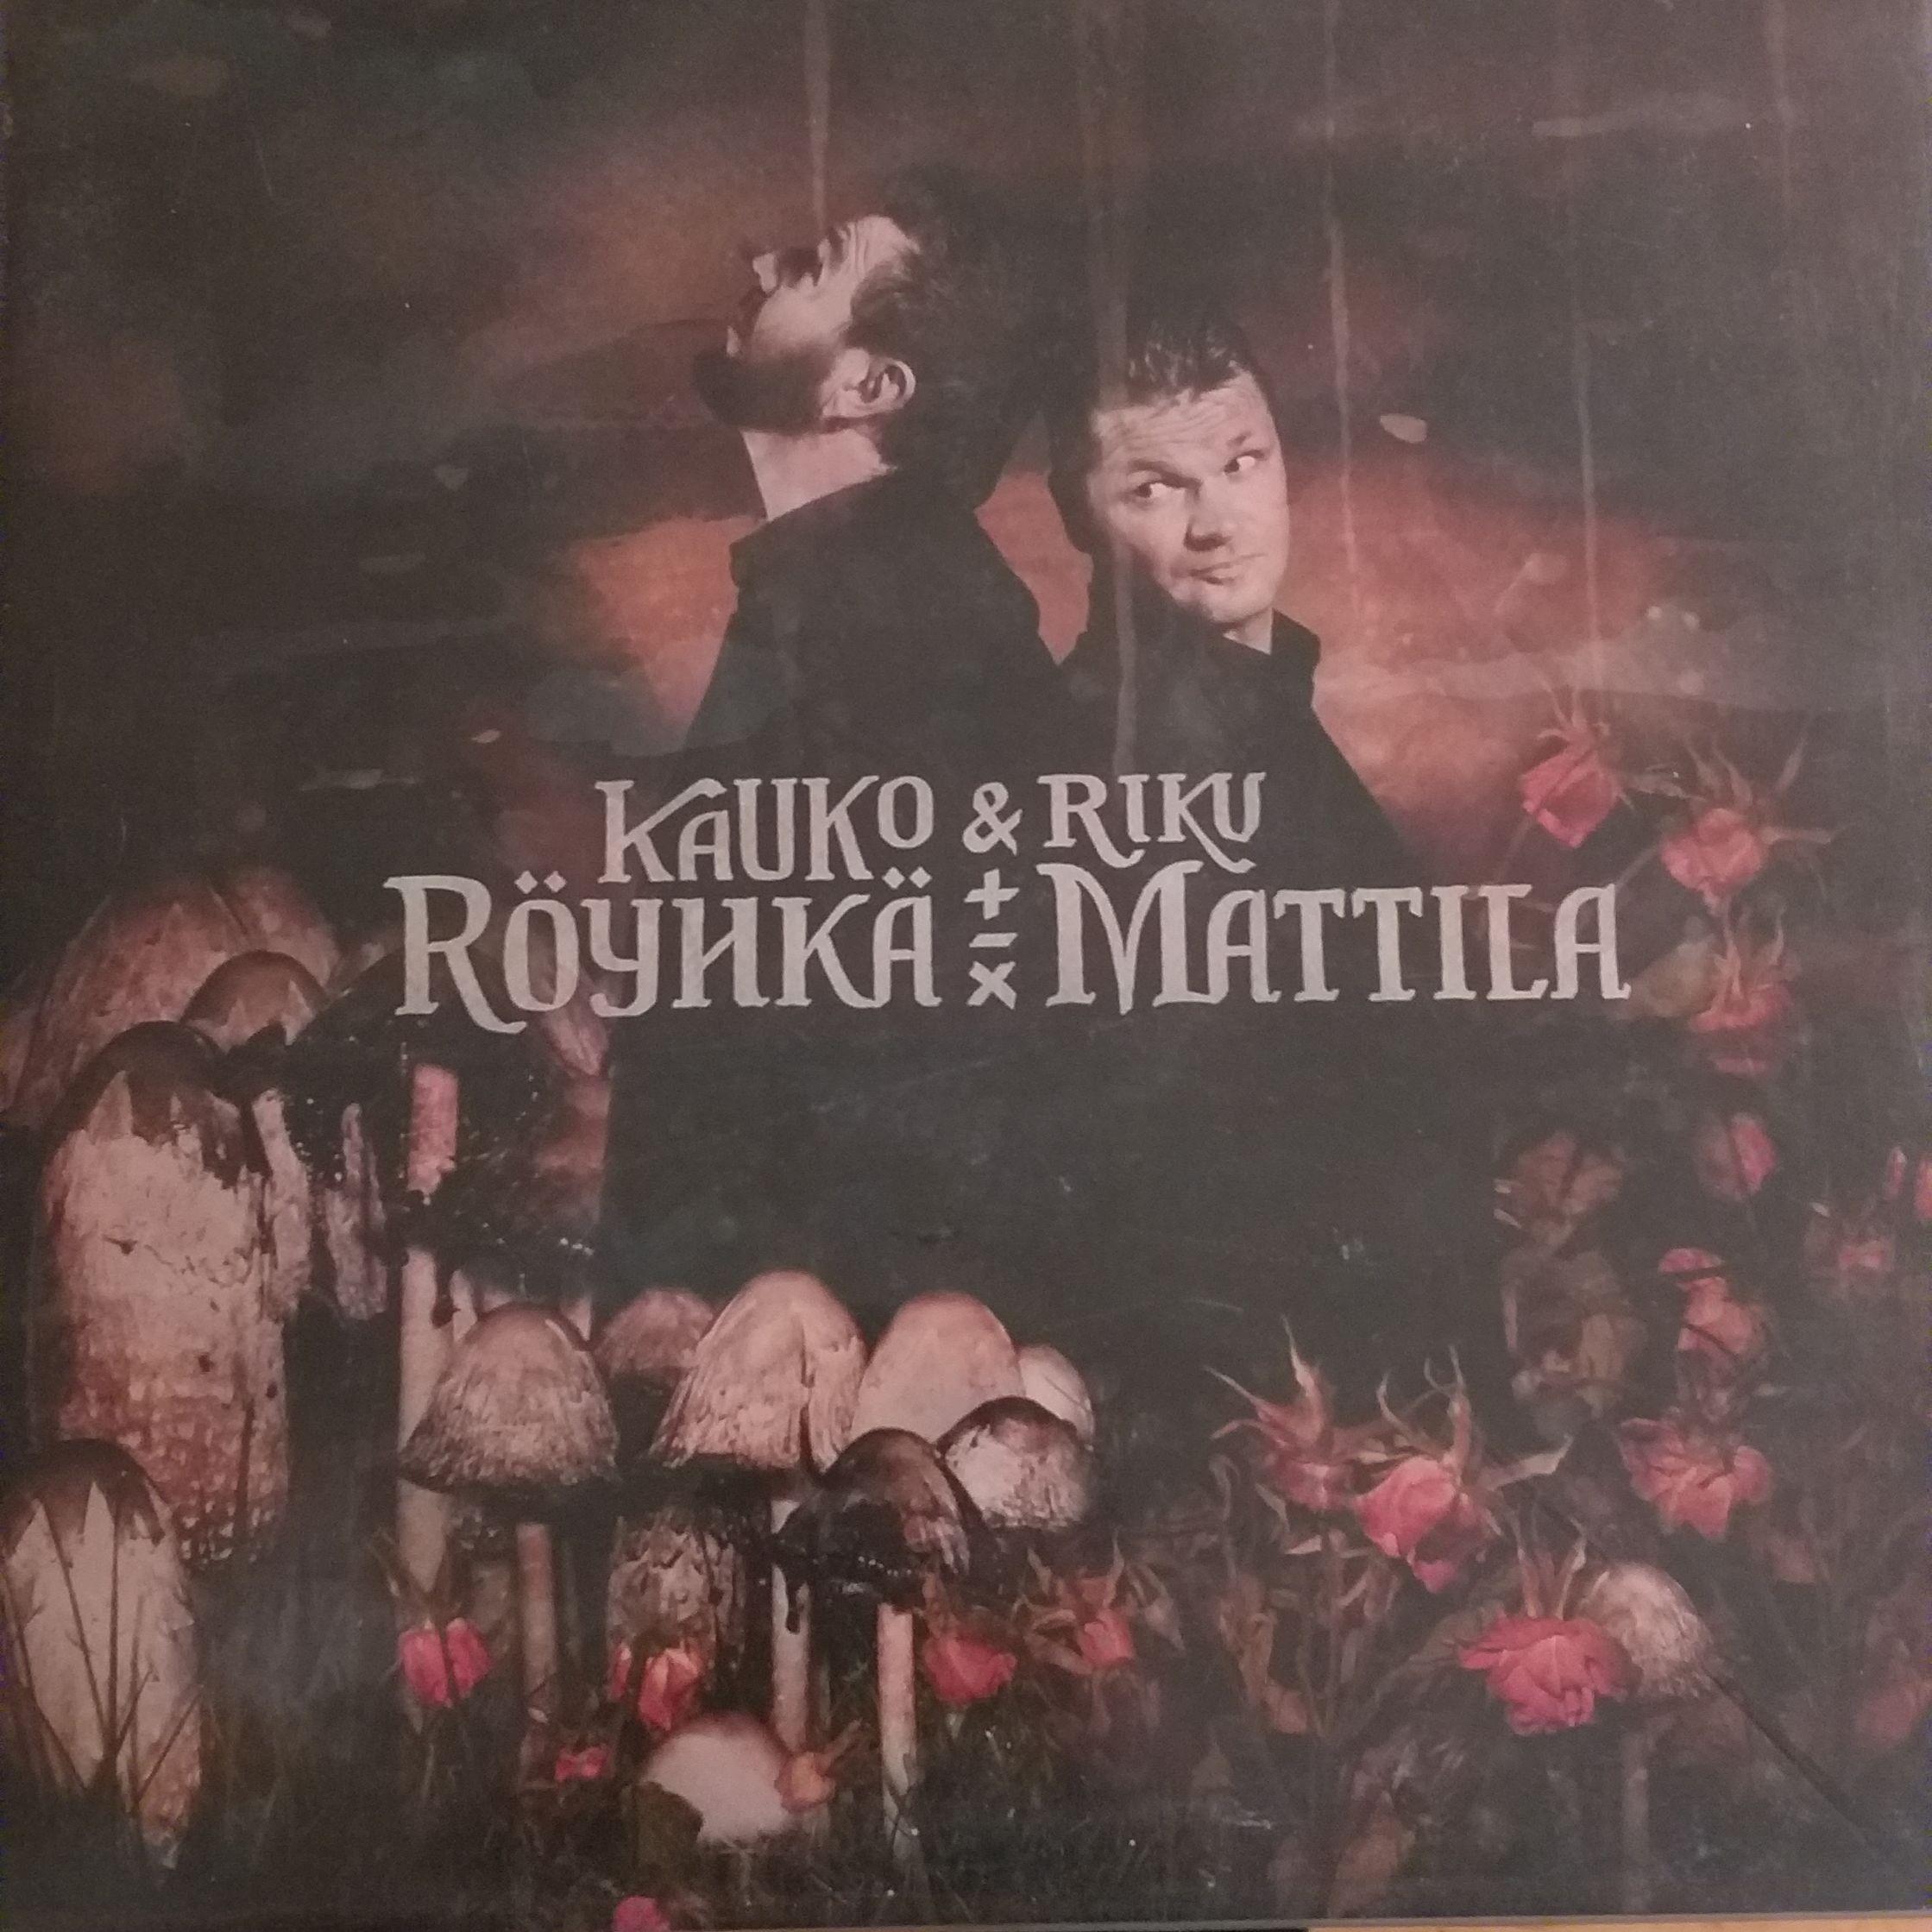 Kauko Röyhkä &Riku Mattila Kauko Röyhkä &Riku Mattila  LP undefined